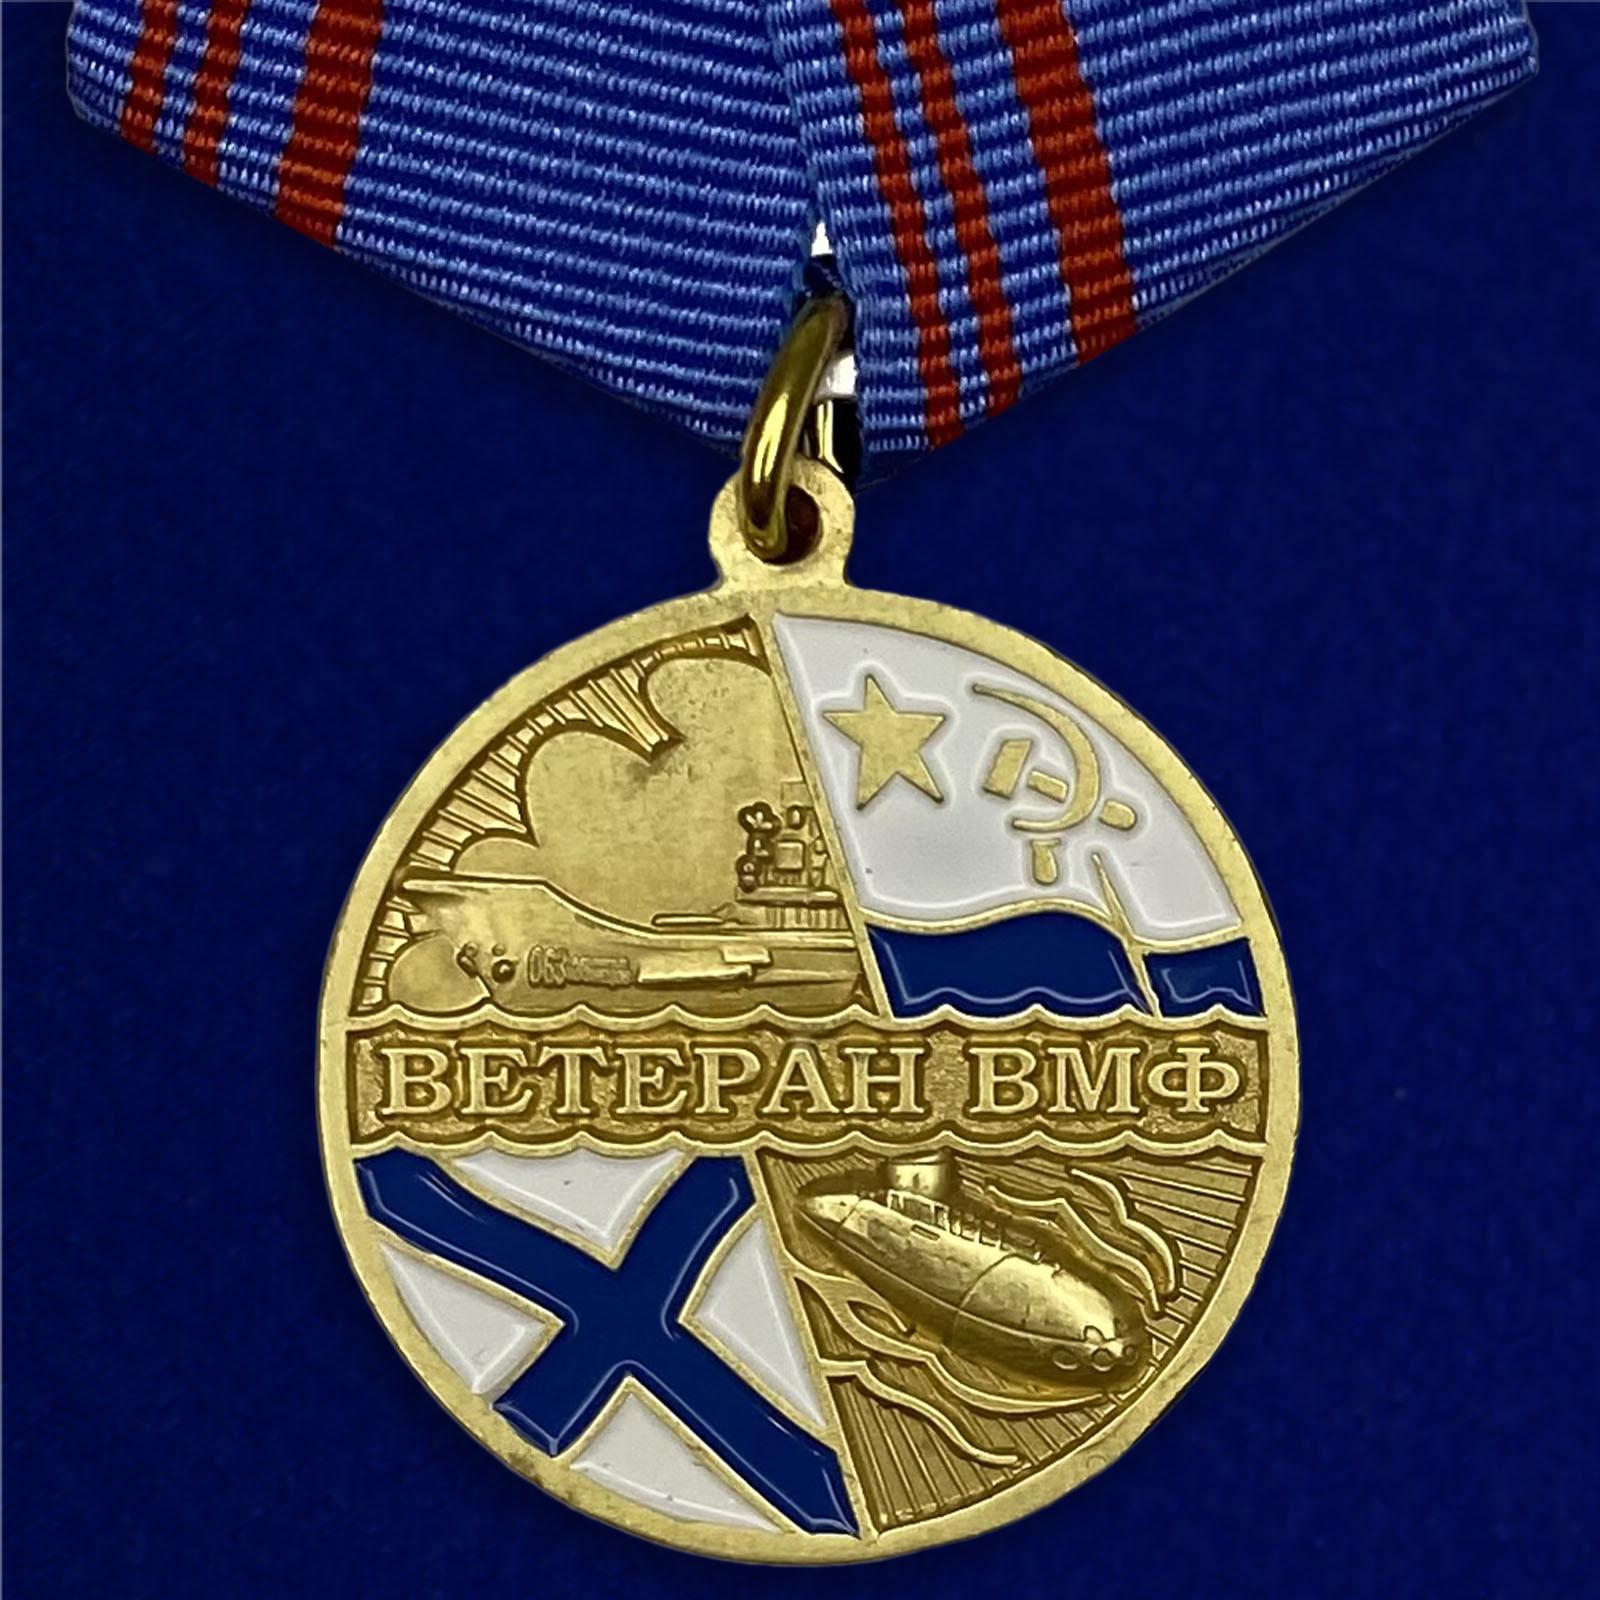 Медаль «Ветеран ВМФ» Флот, честь, отечество